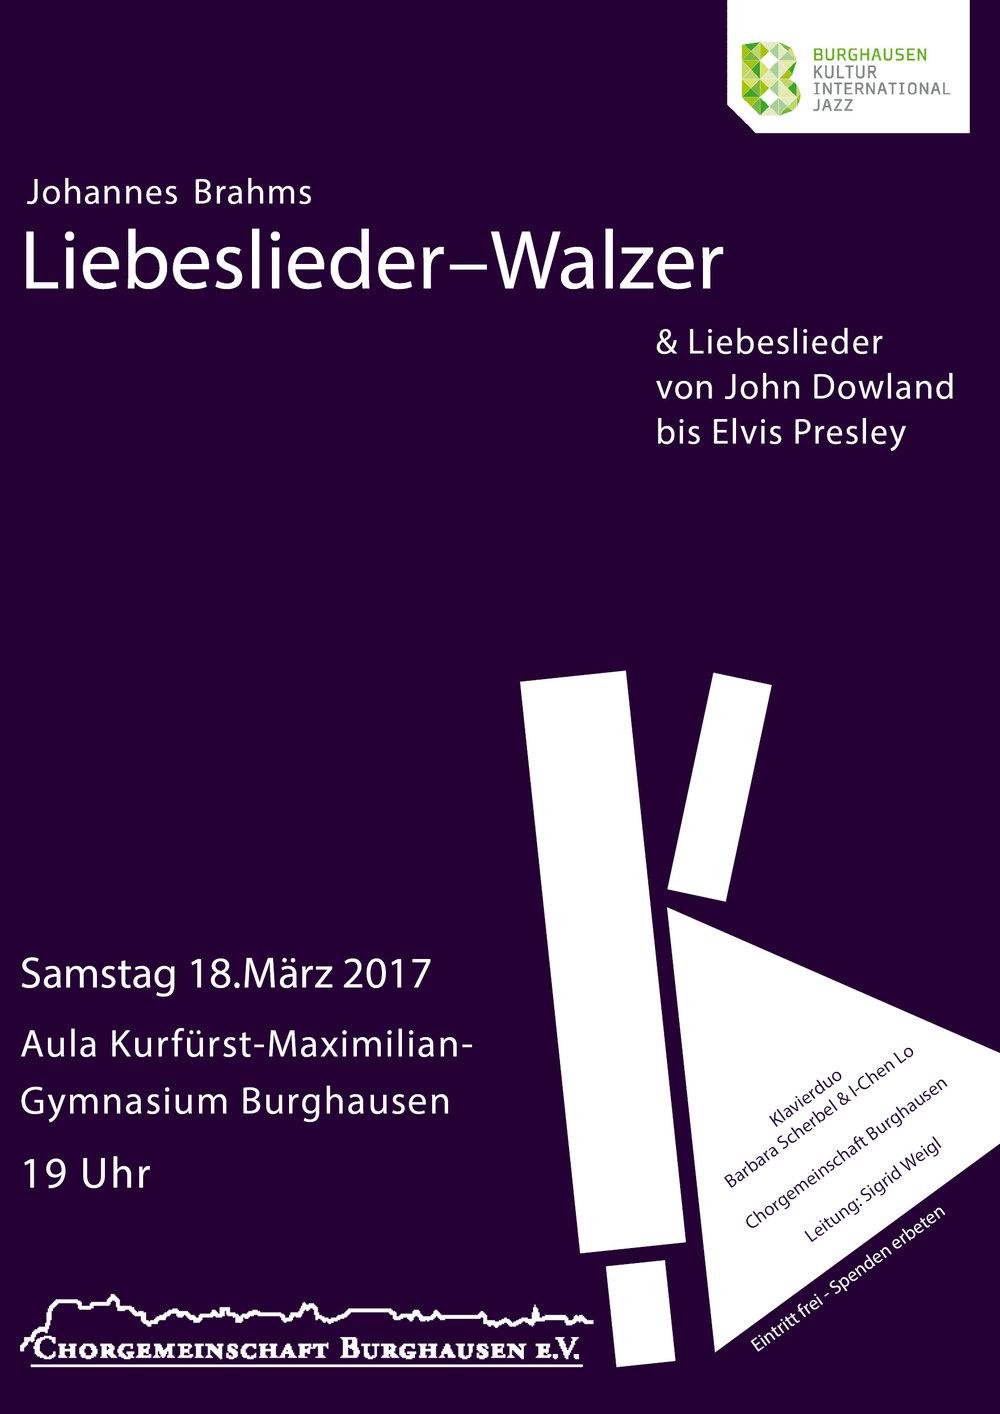 Konzertplakat der Chorgmeienschaft Burghausen e.V.